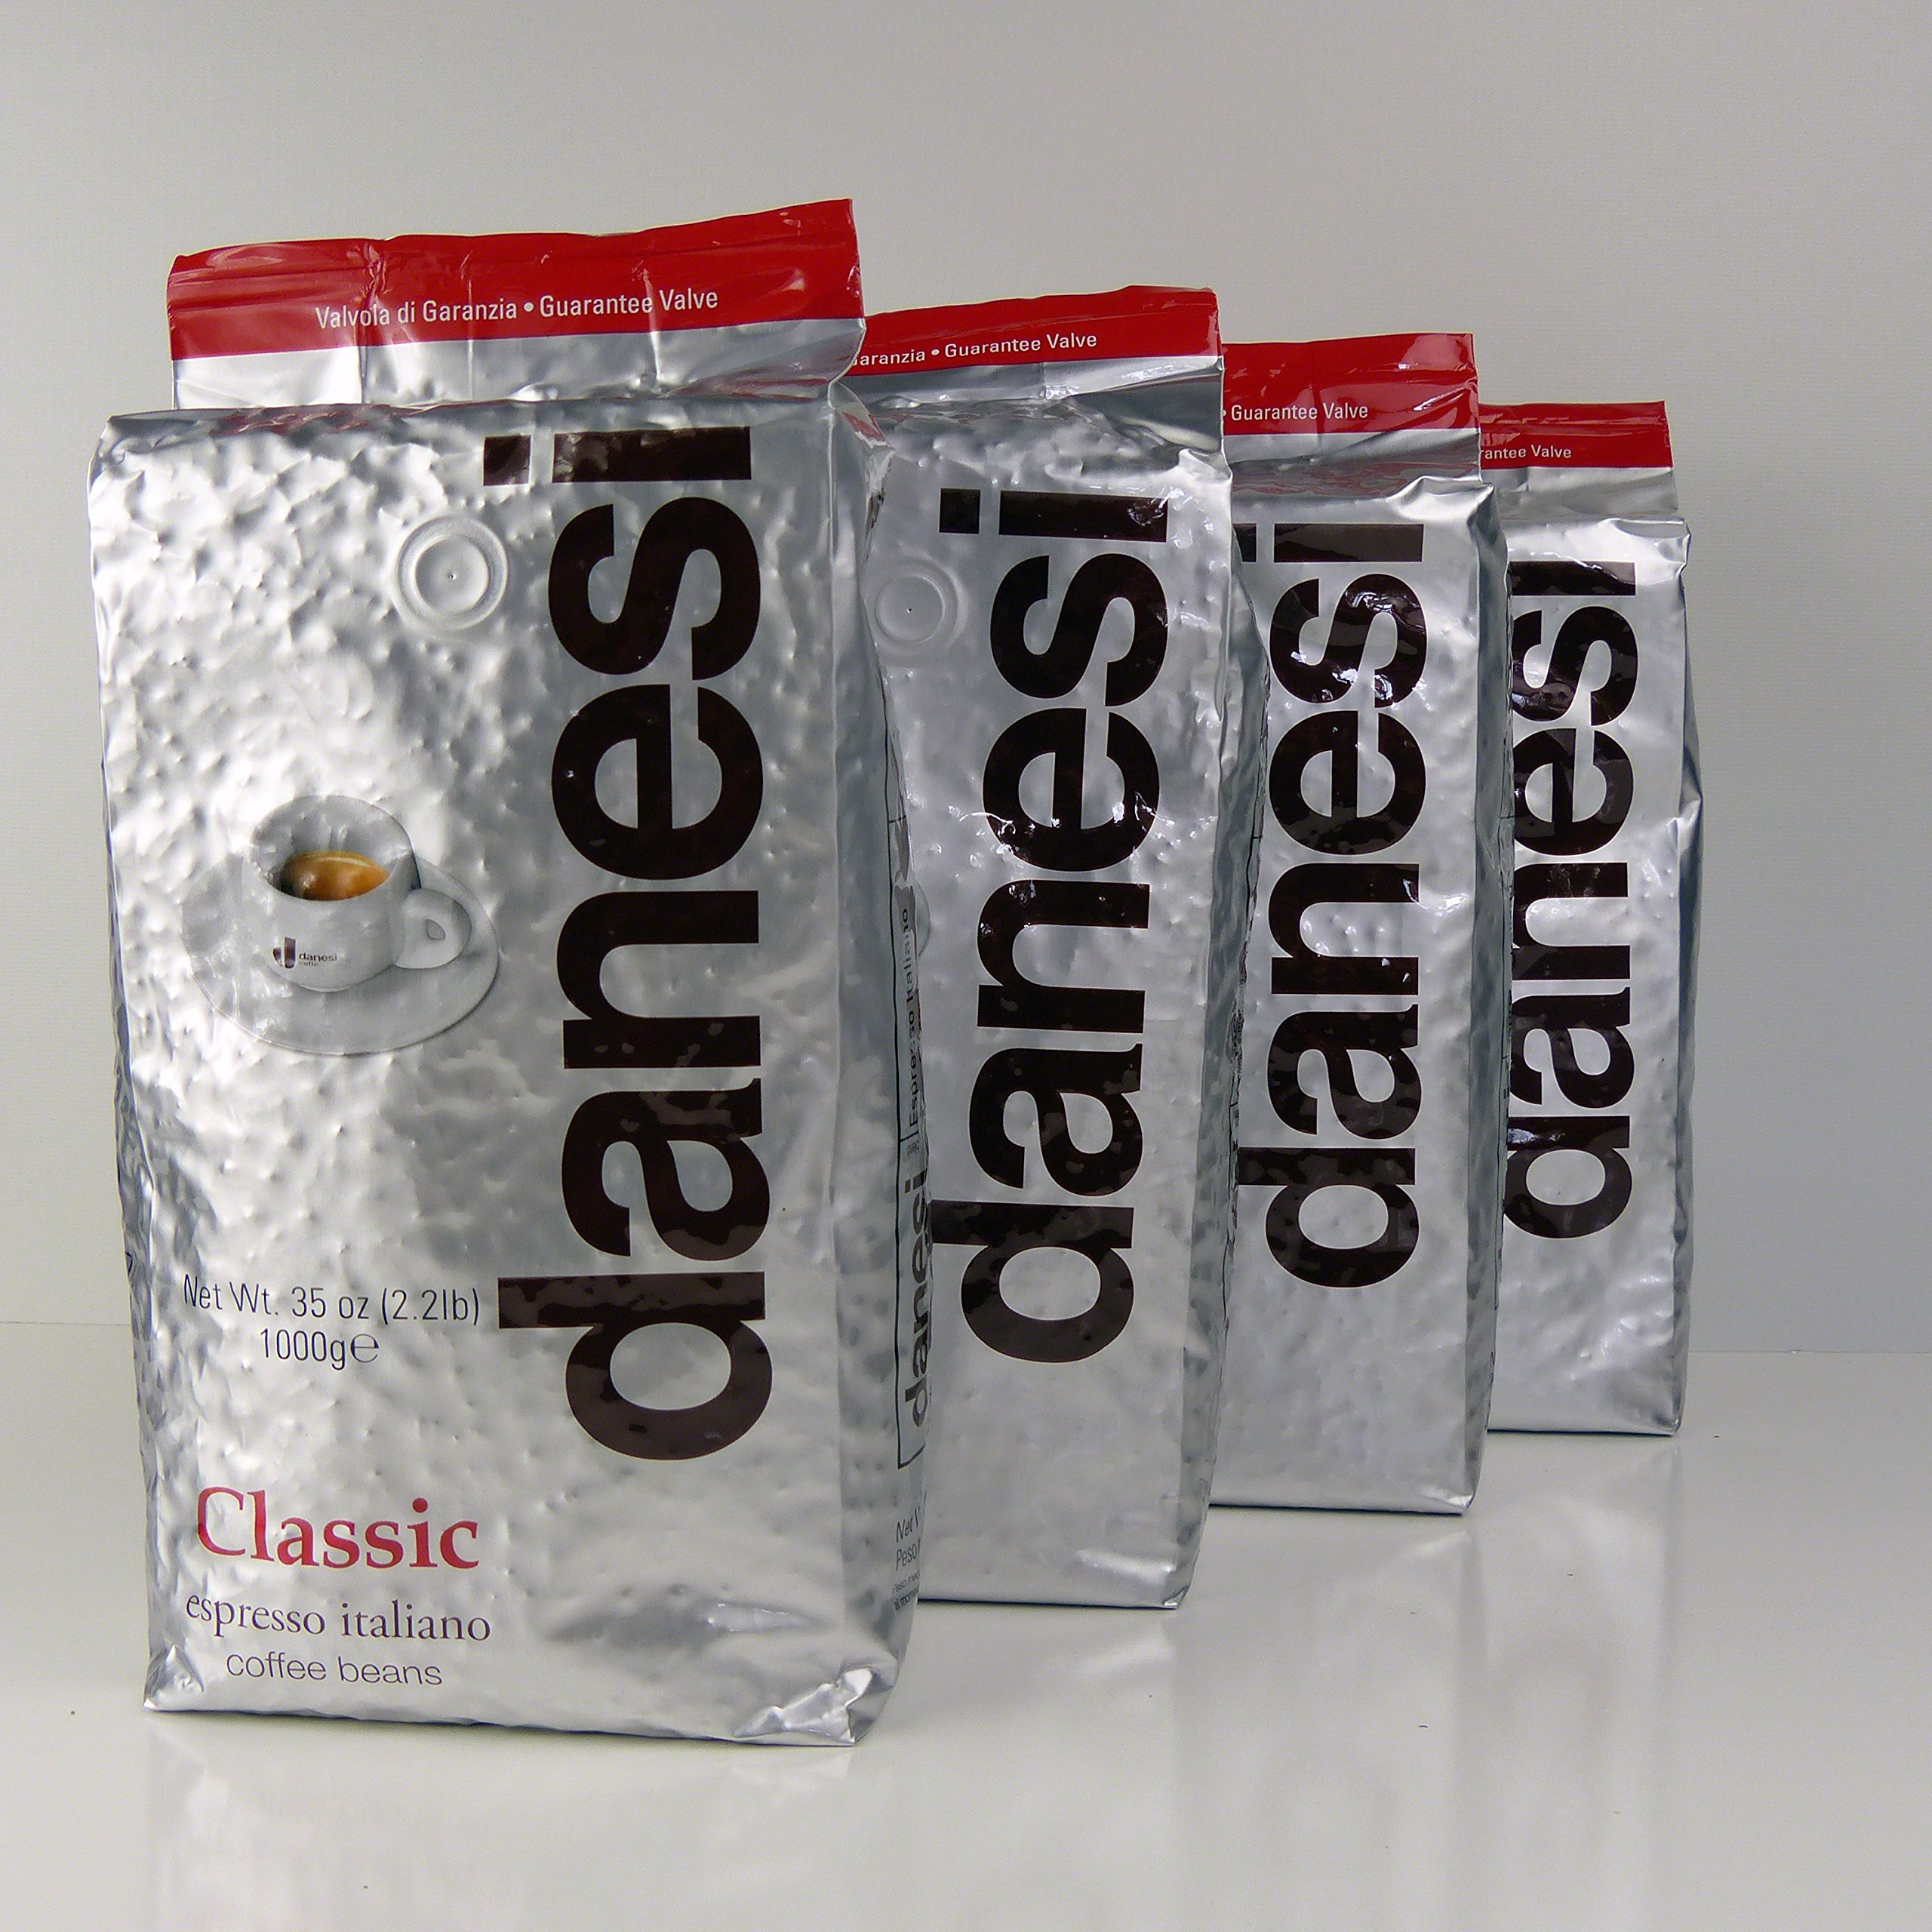 Danesi Caffe Classic Classico Espresso Beans (4 x 2.2 lbs bag)